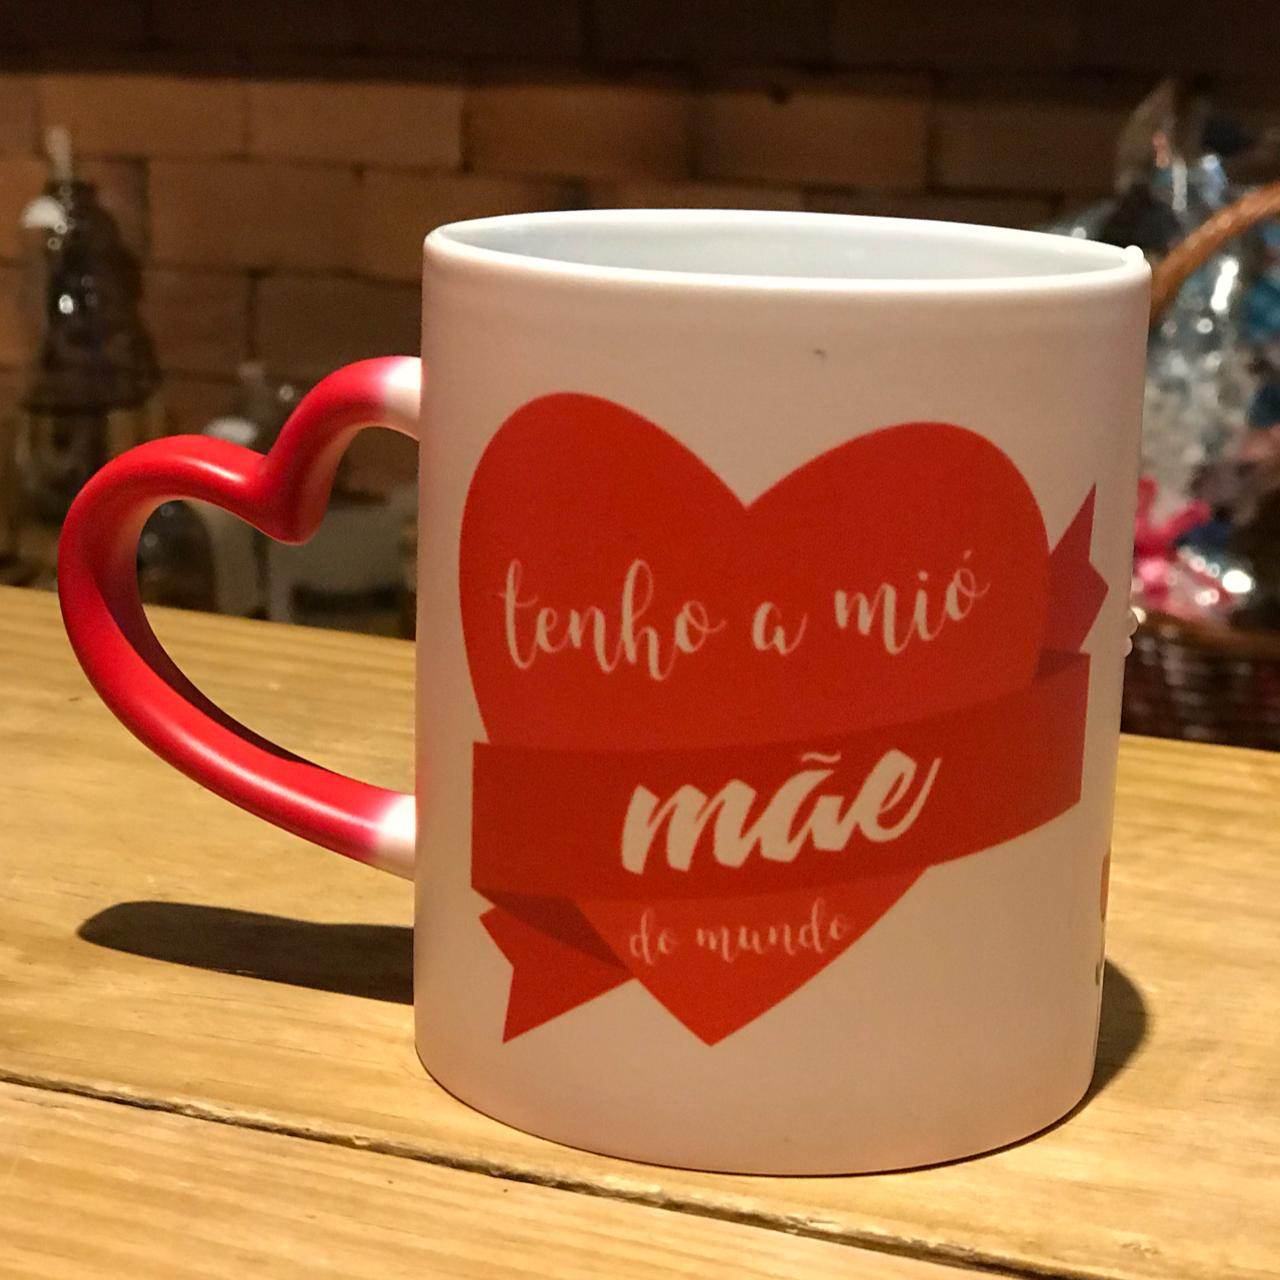 Especial dia das Mães: Caneca Mágica love dia das mães